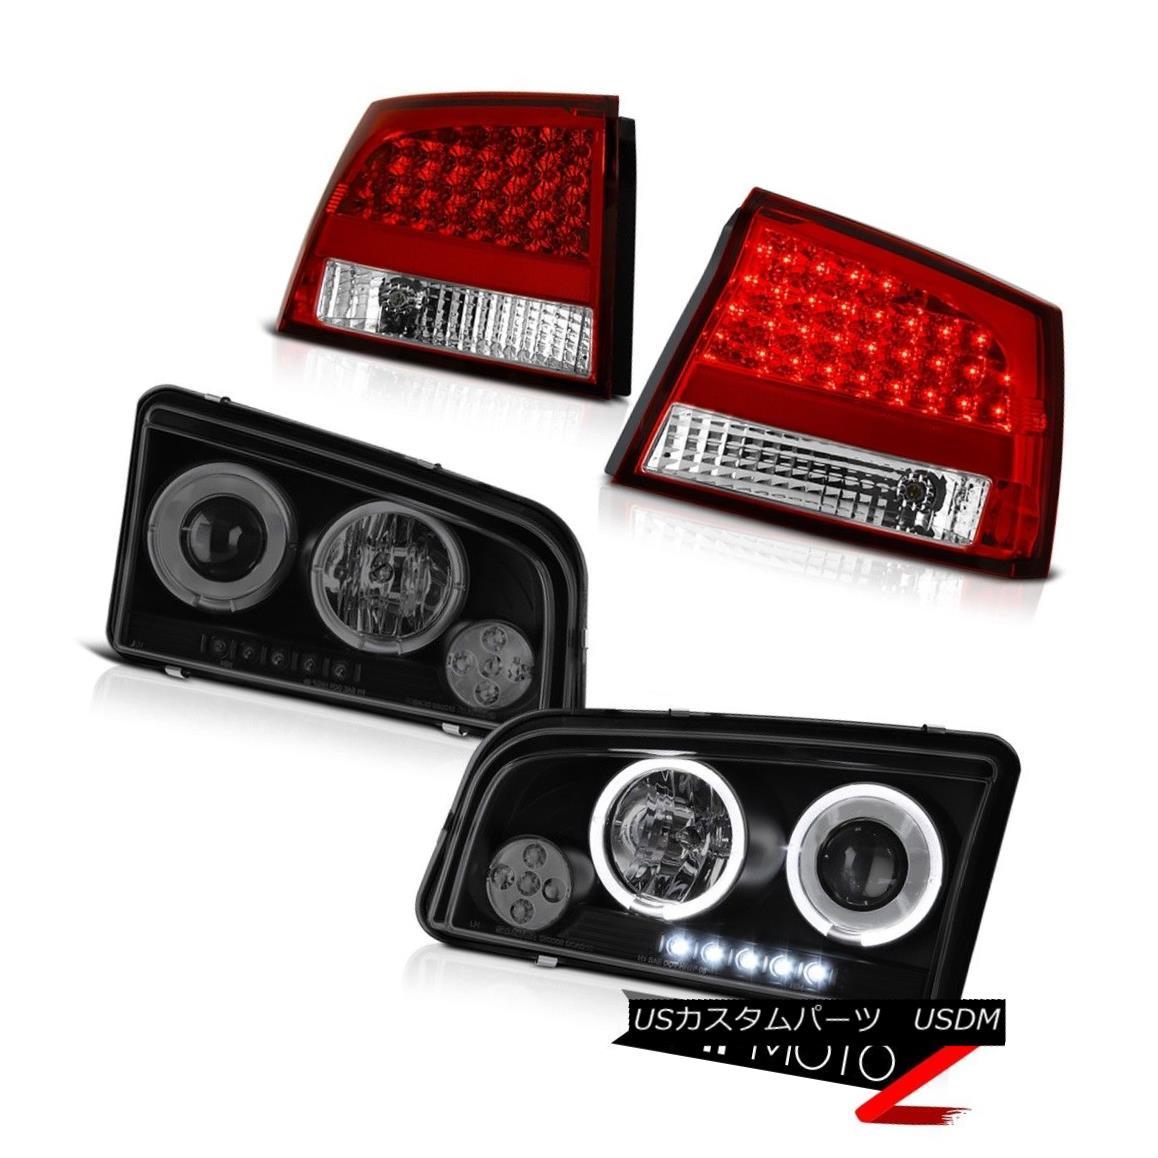 テールライト 2006 2007 2008 Charger 5.7L 2X Halo LED Projector Headlights Red LED Tail Lights 2006 2007 2008充電器5.7L 2X Halo LEDプロジェクターヘッドライト赤色LEDテールライト